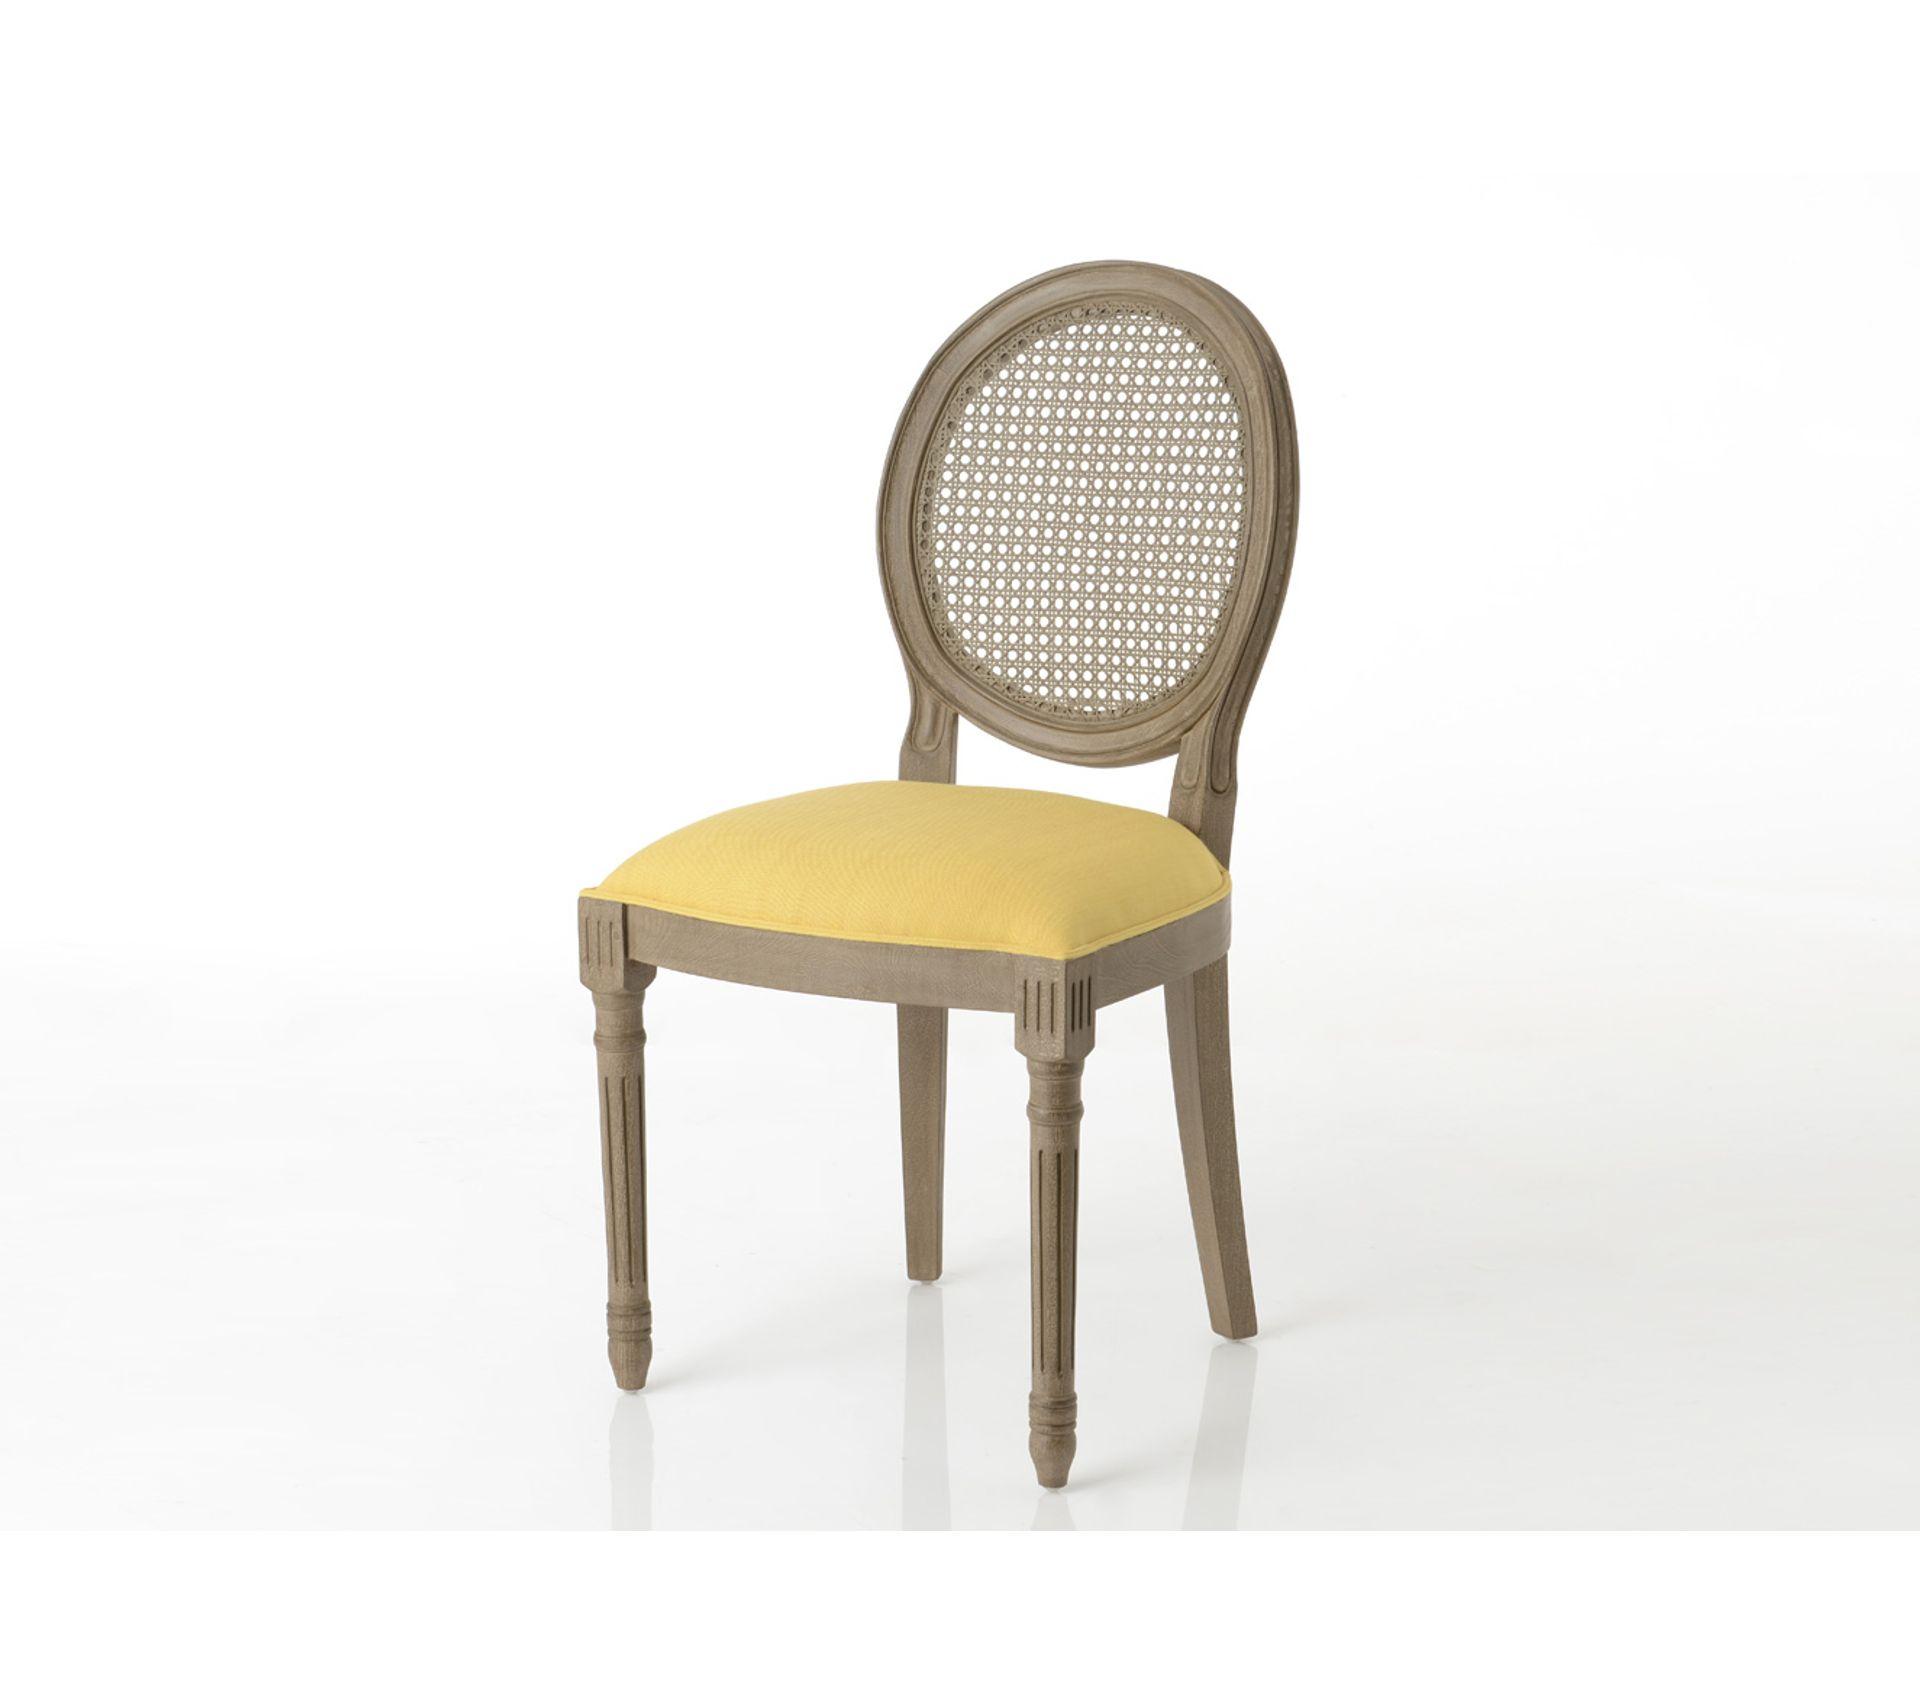 Quel Tissu Pour Chaise chaise médaillon en bois et tissu coloré